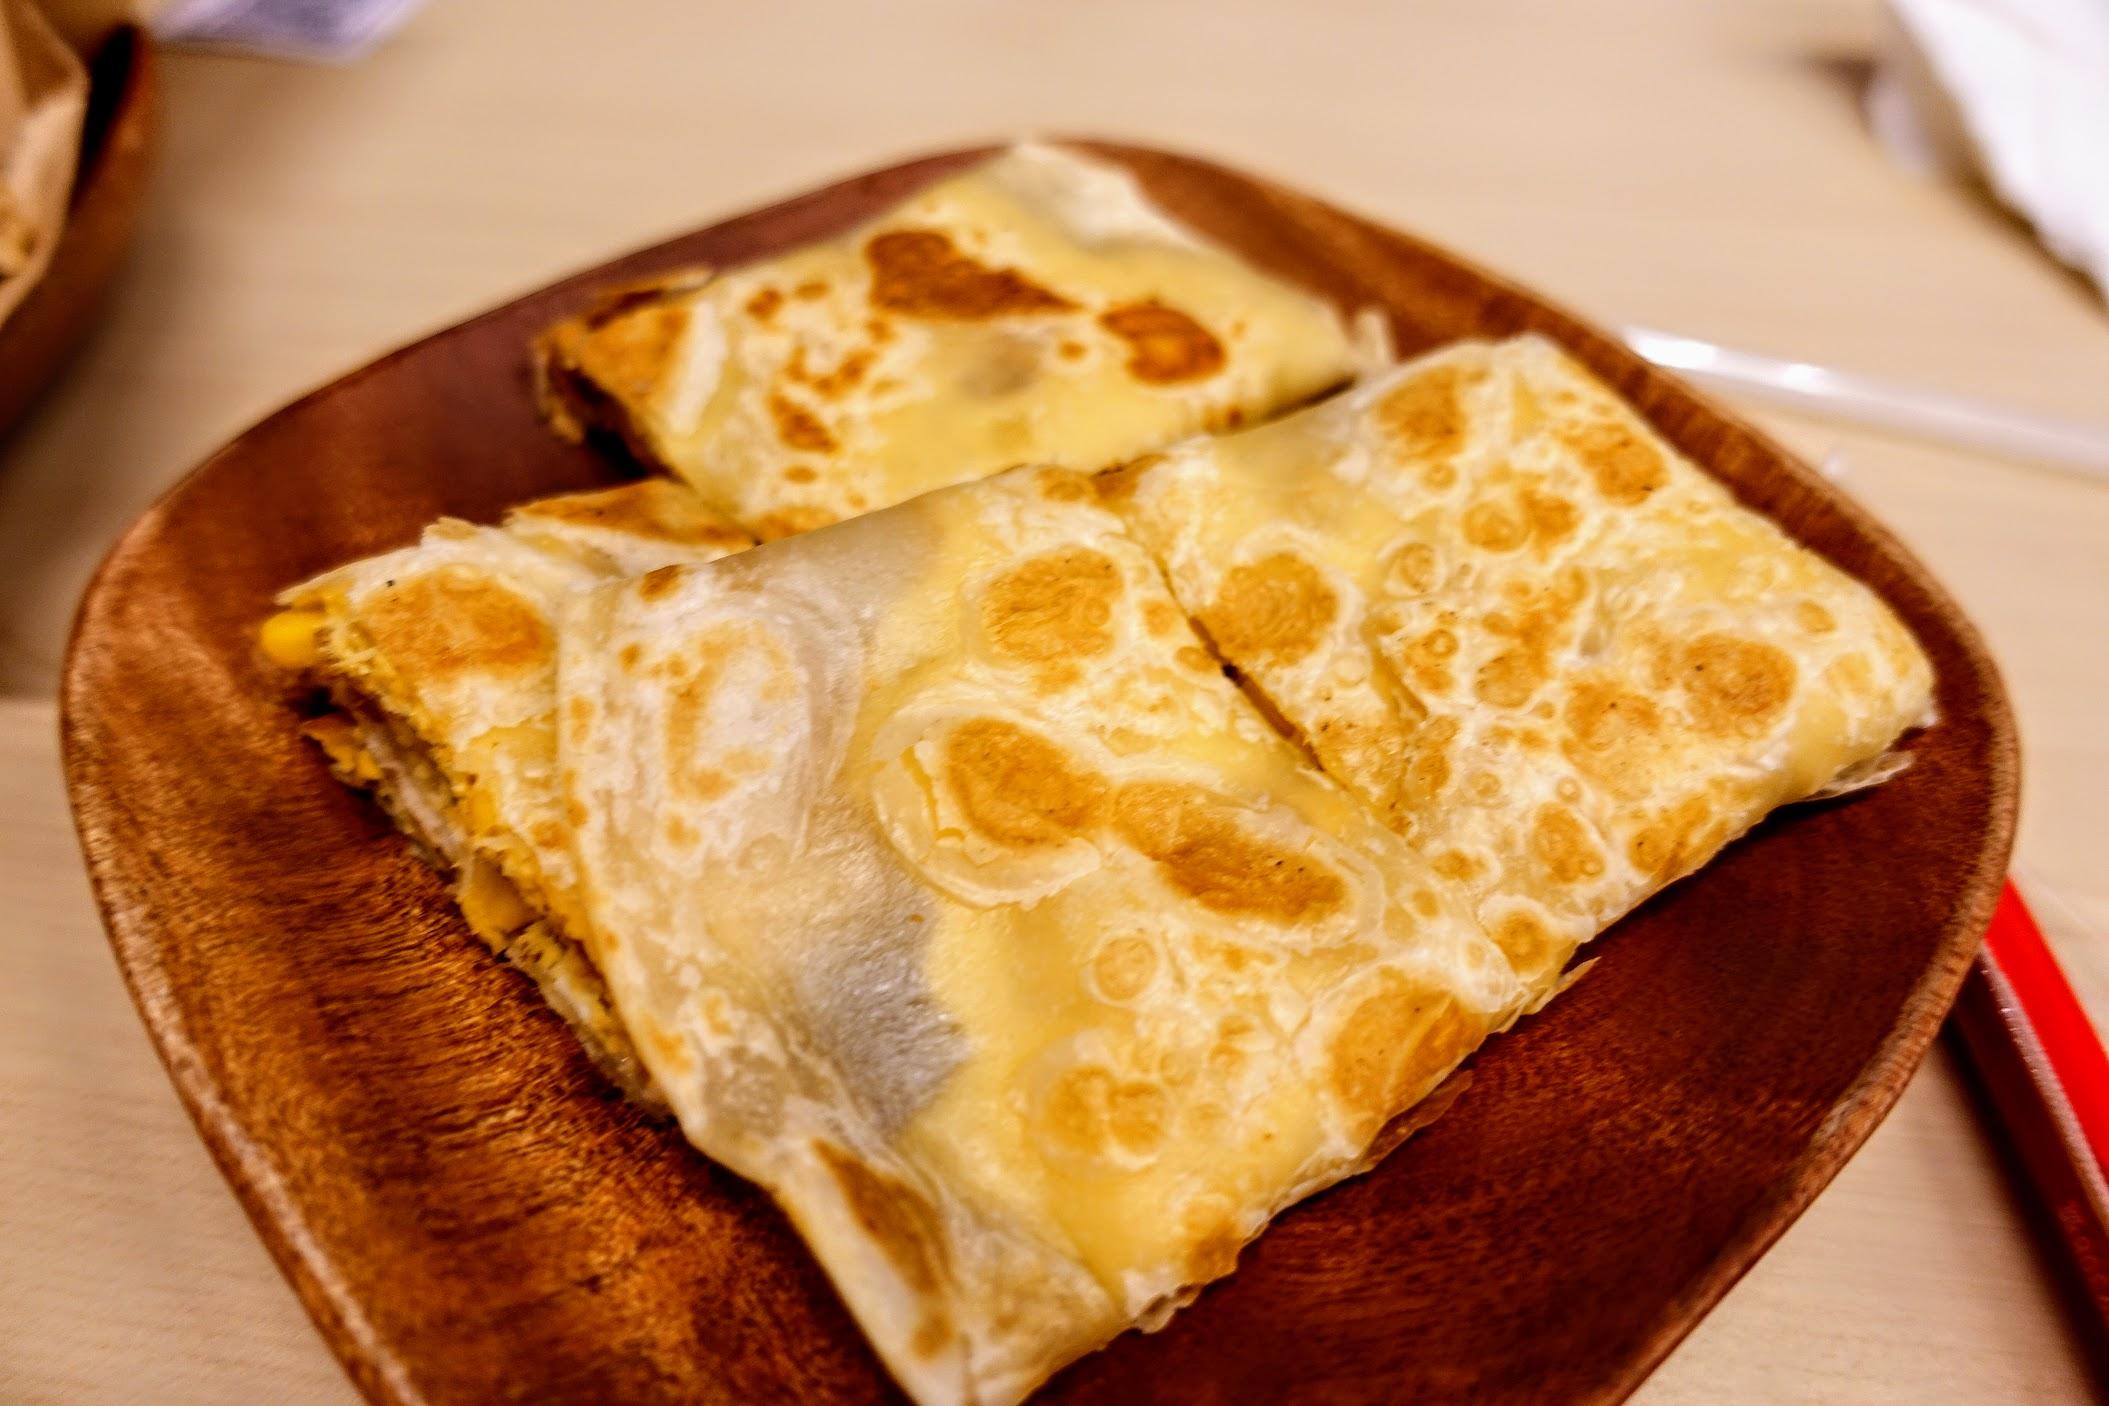 玉米蛋煎餅,本來想看看千層酥的蛋煎餅是怎麼樣子的...XD